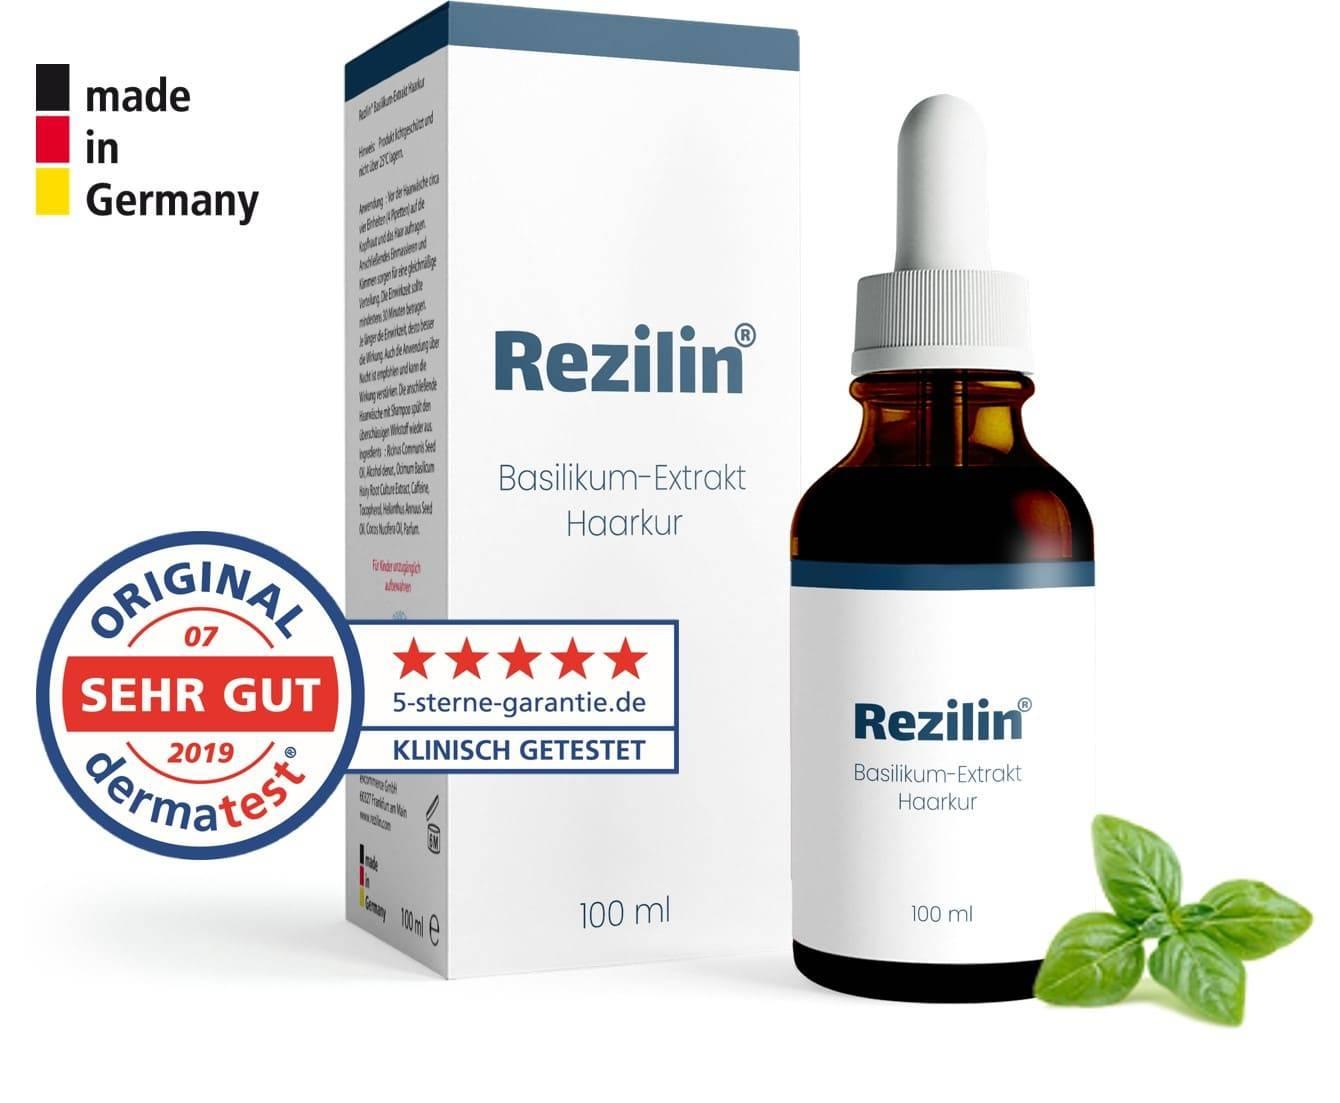 Rezilin Basilikum Extrakt gegen Haarausfall Test Erfahrung